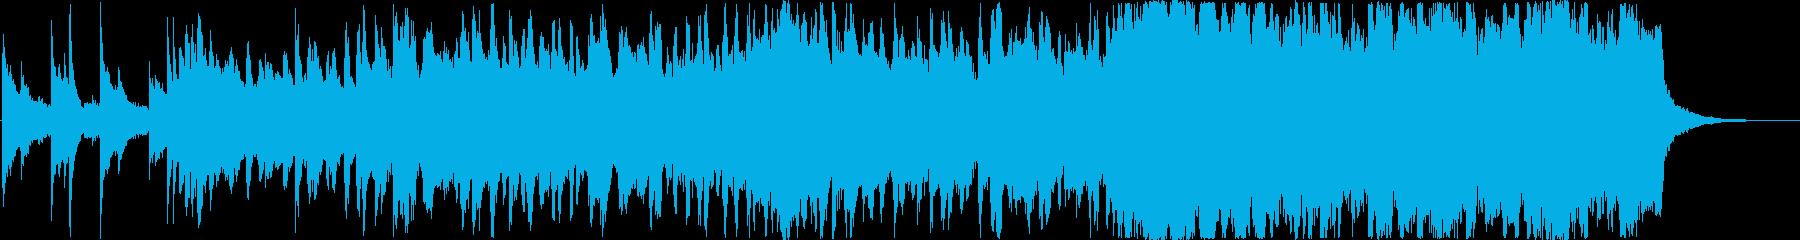 ピアノとストリングスの前向きなジングルの再生済みの波形